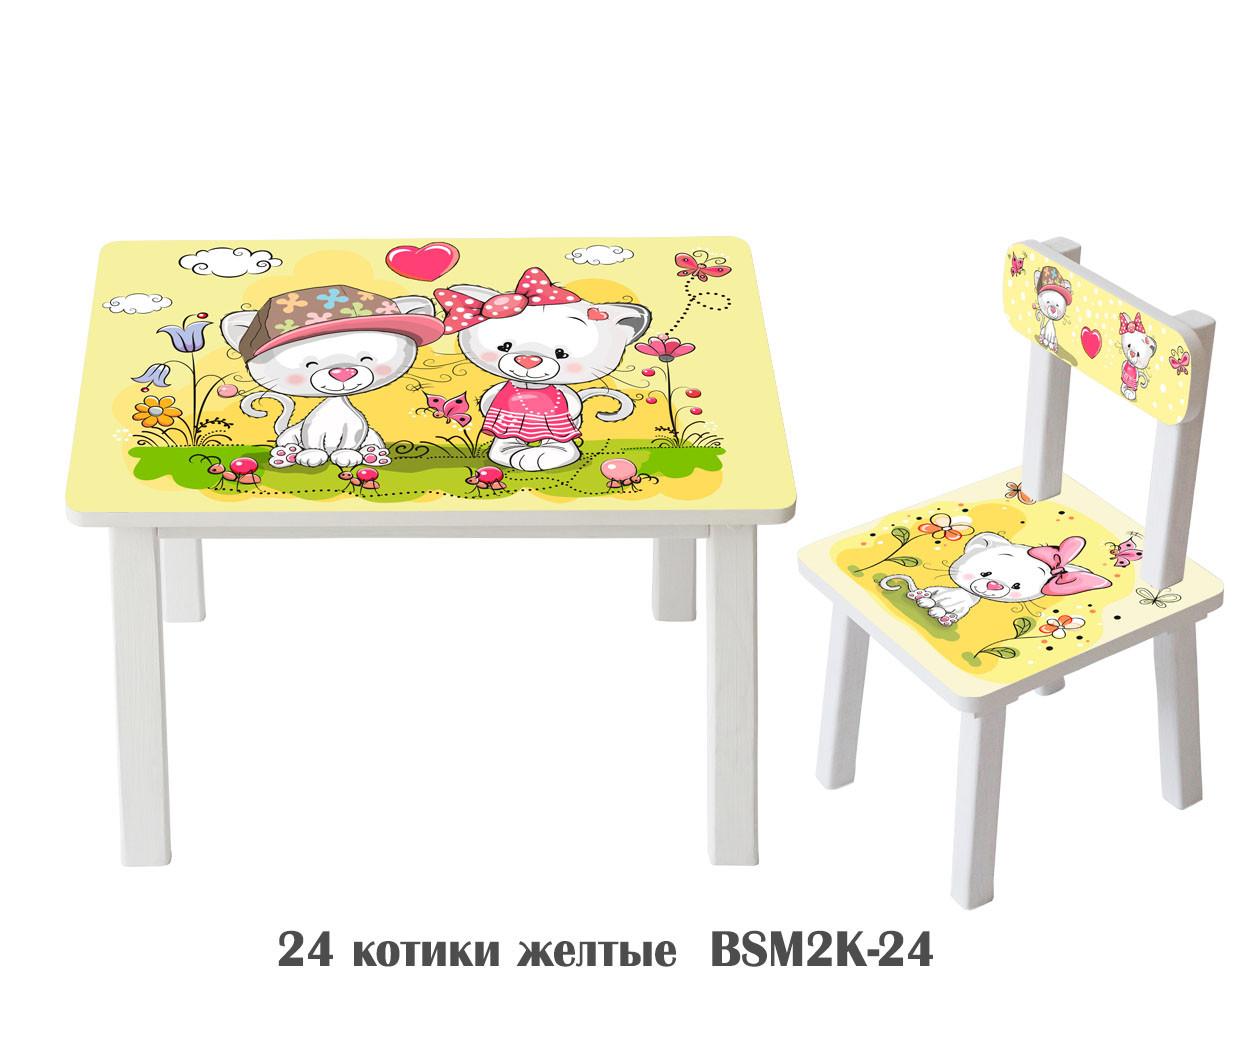 Дитячий стіл і стілець BSM2K-24 Yellow kitties - жовті Котитки